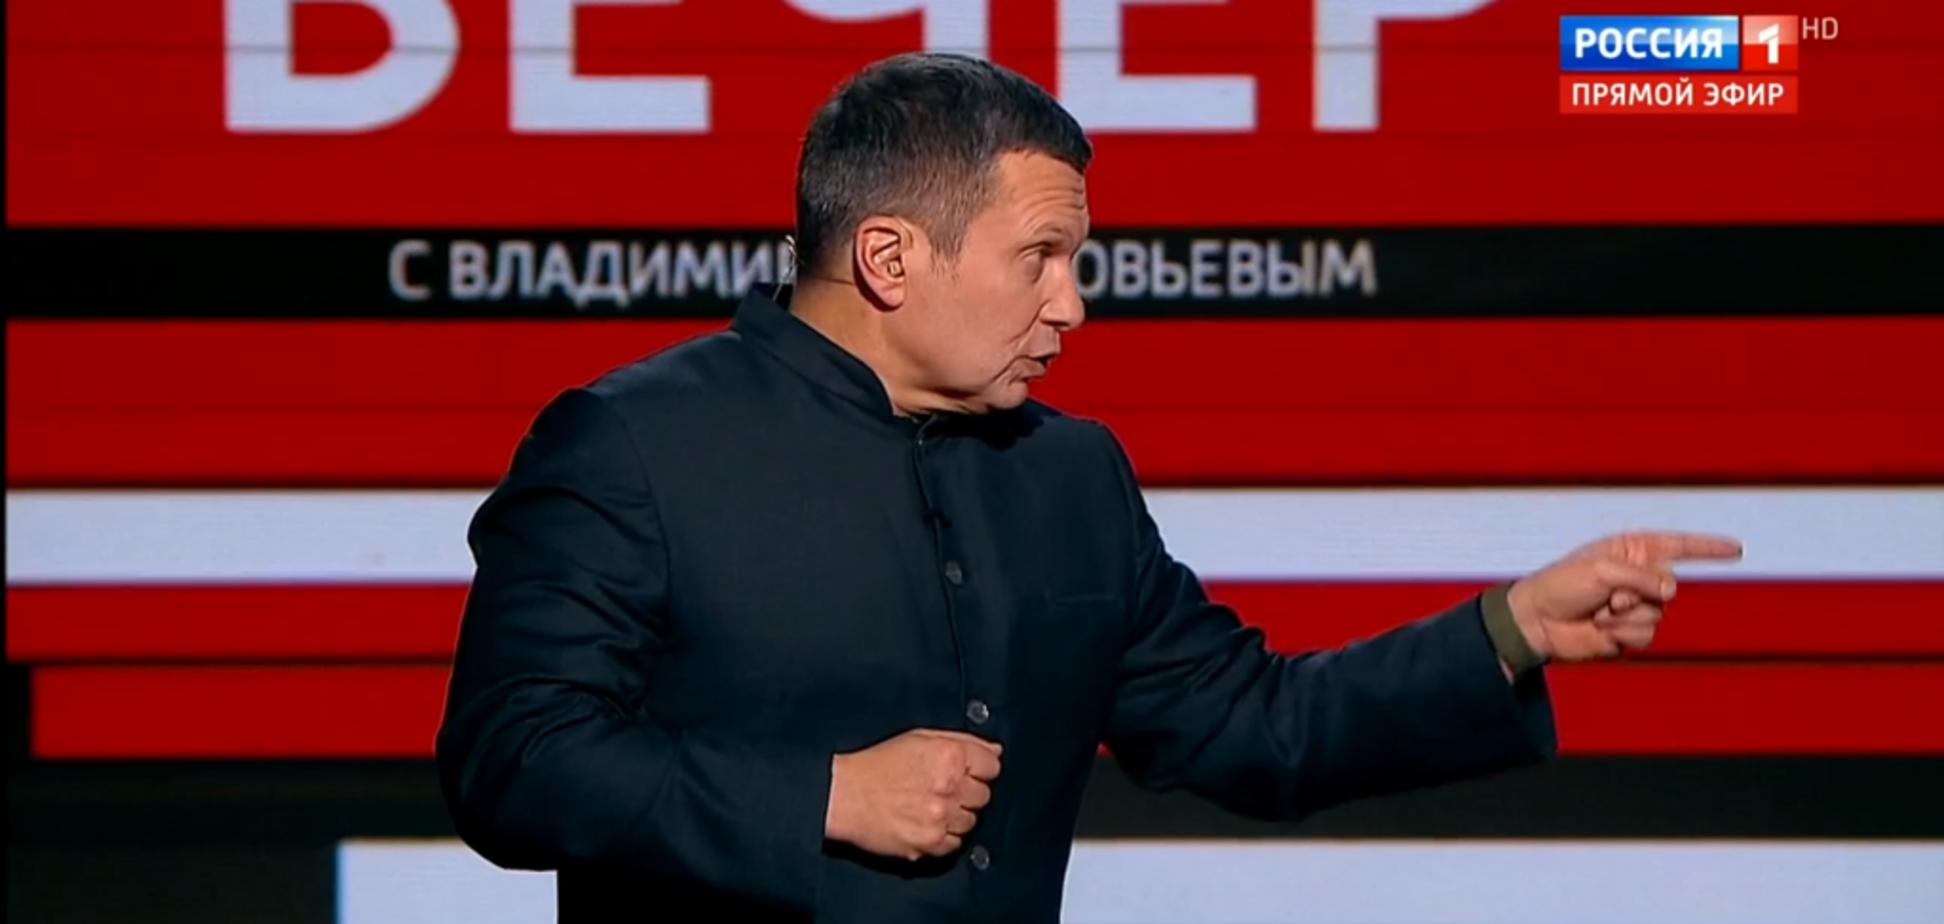 Соловйов пригрозив вторгненням до Києва